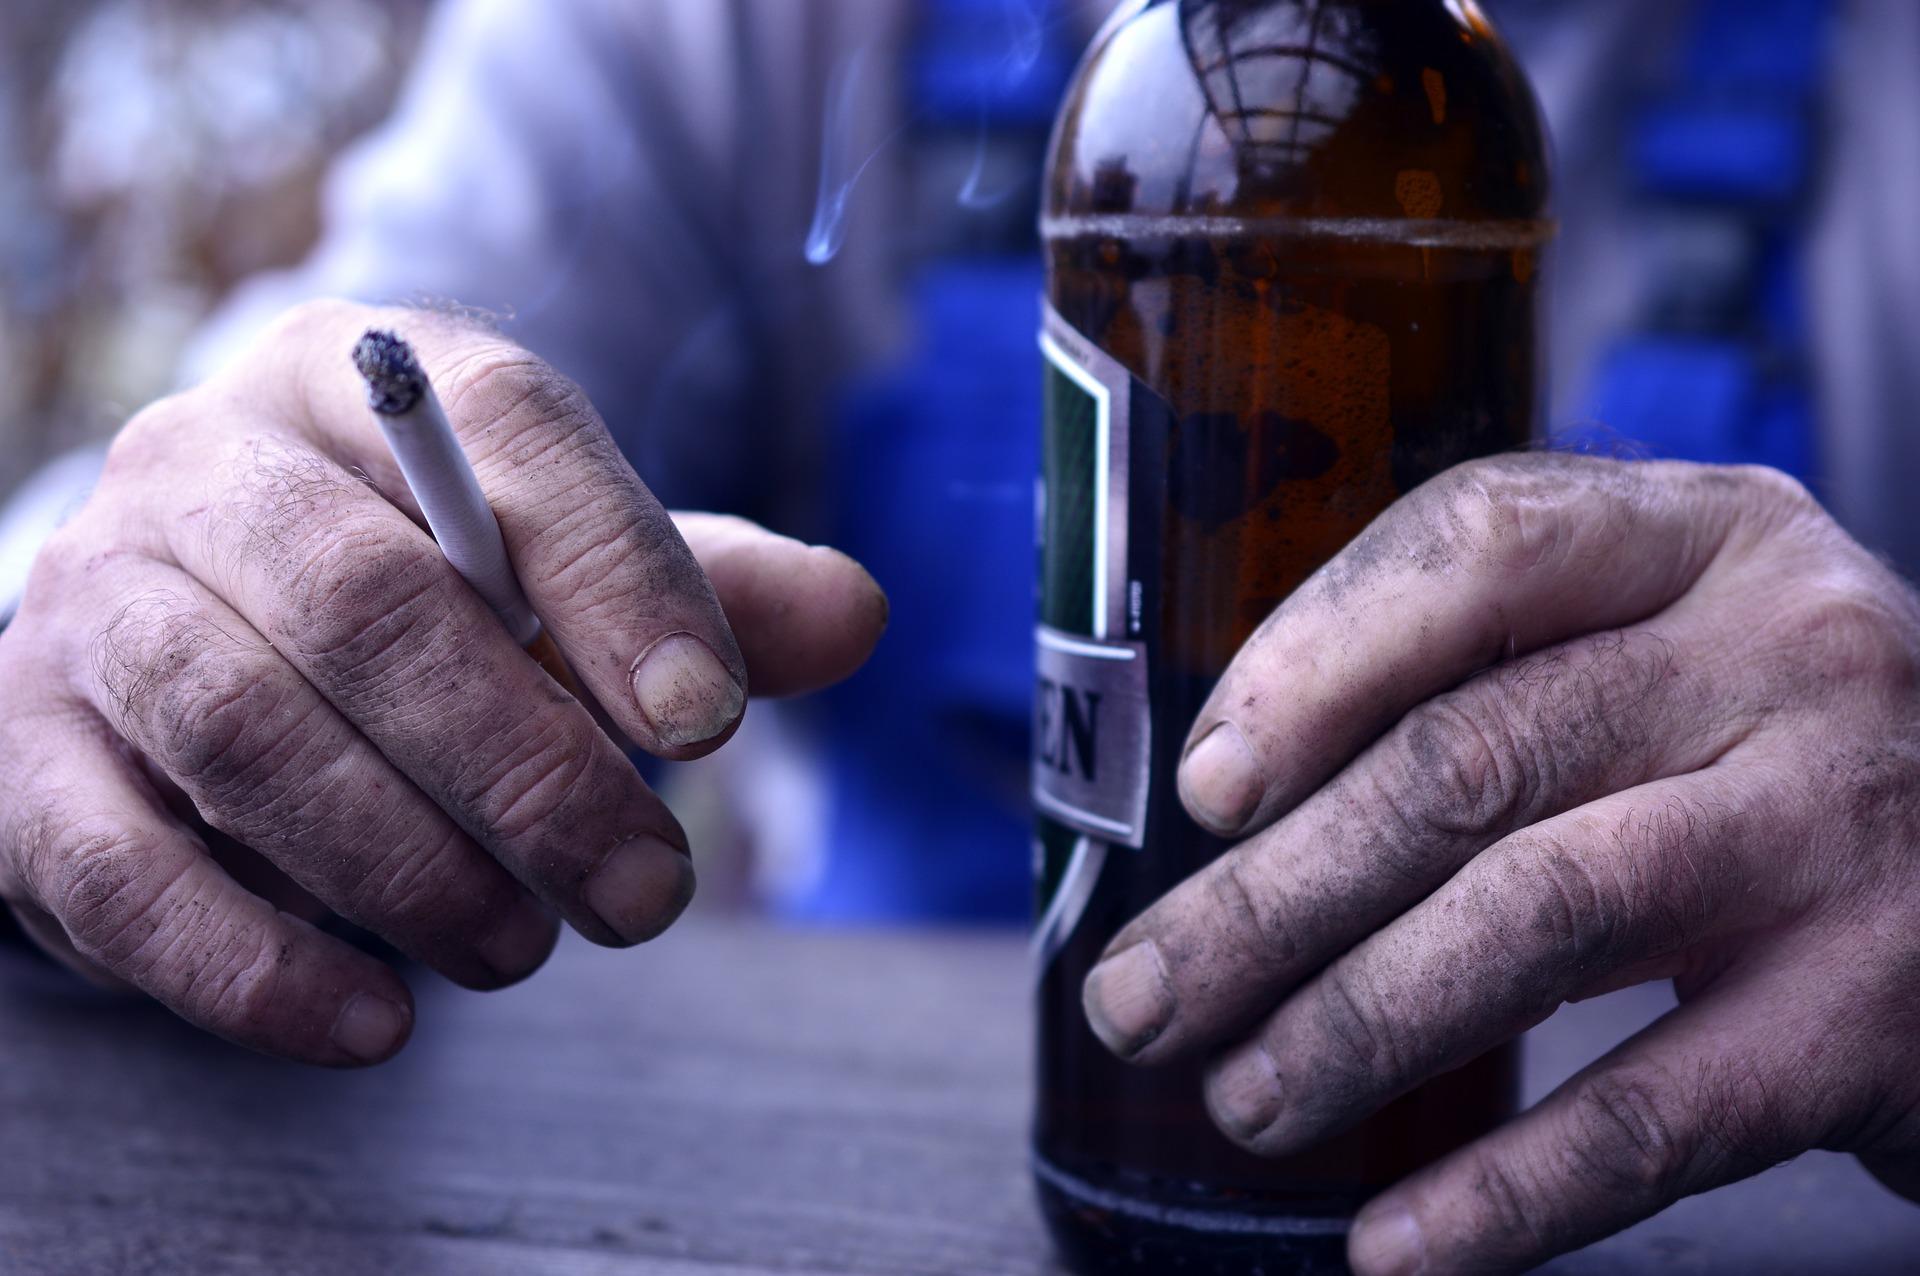 Beer, cigarette, dirty hands